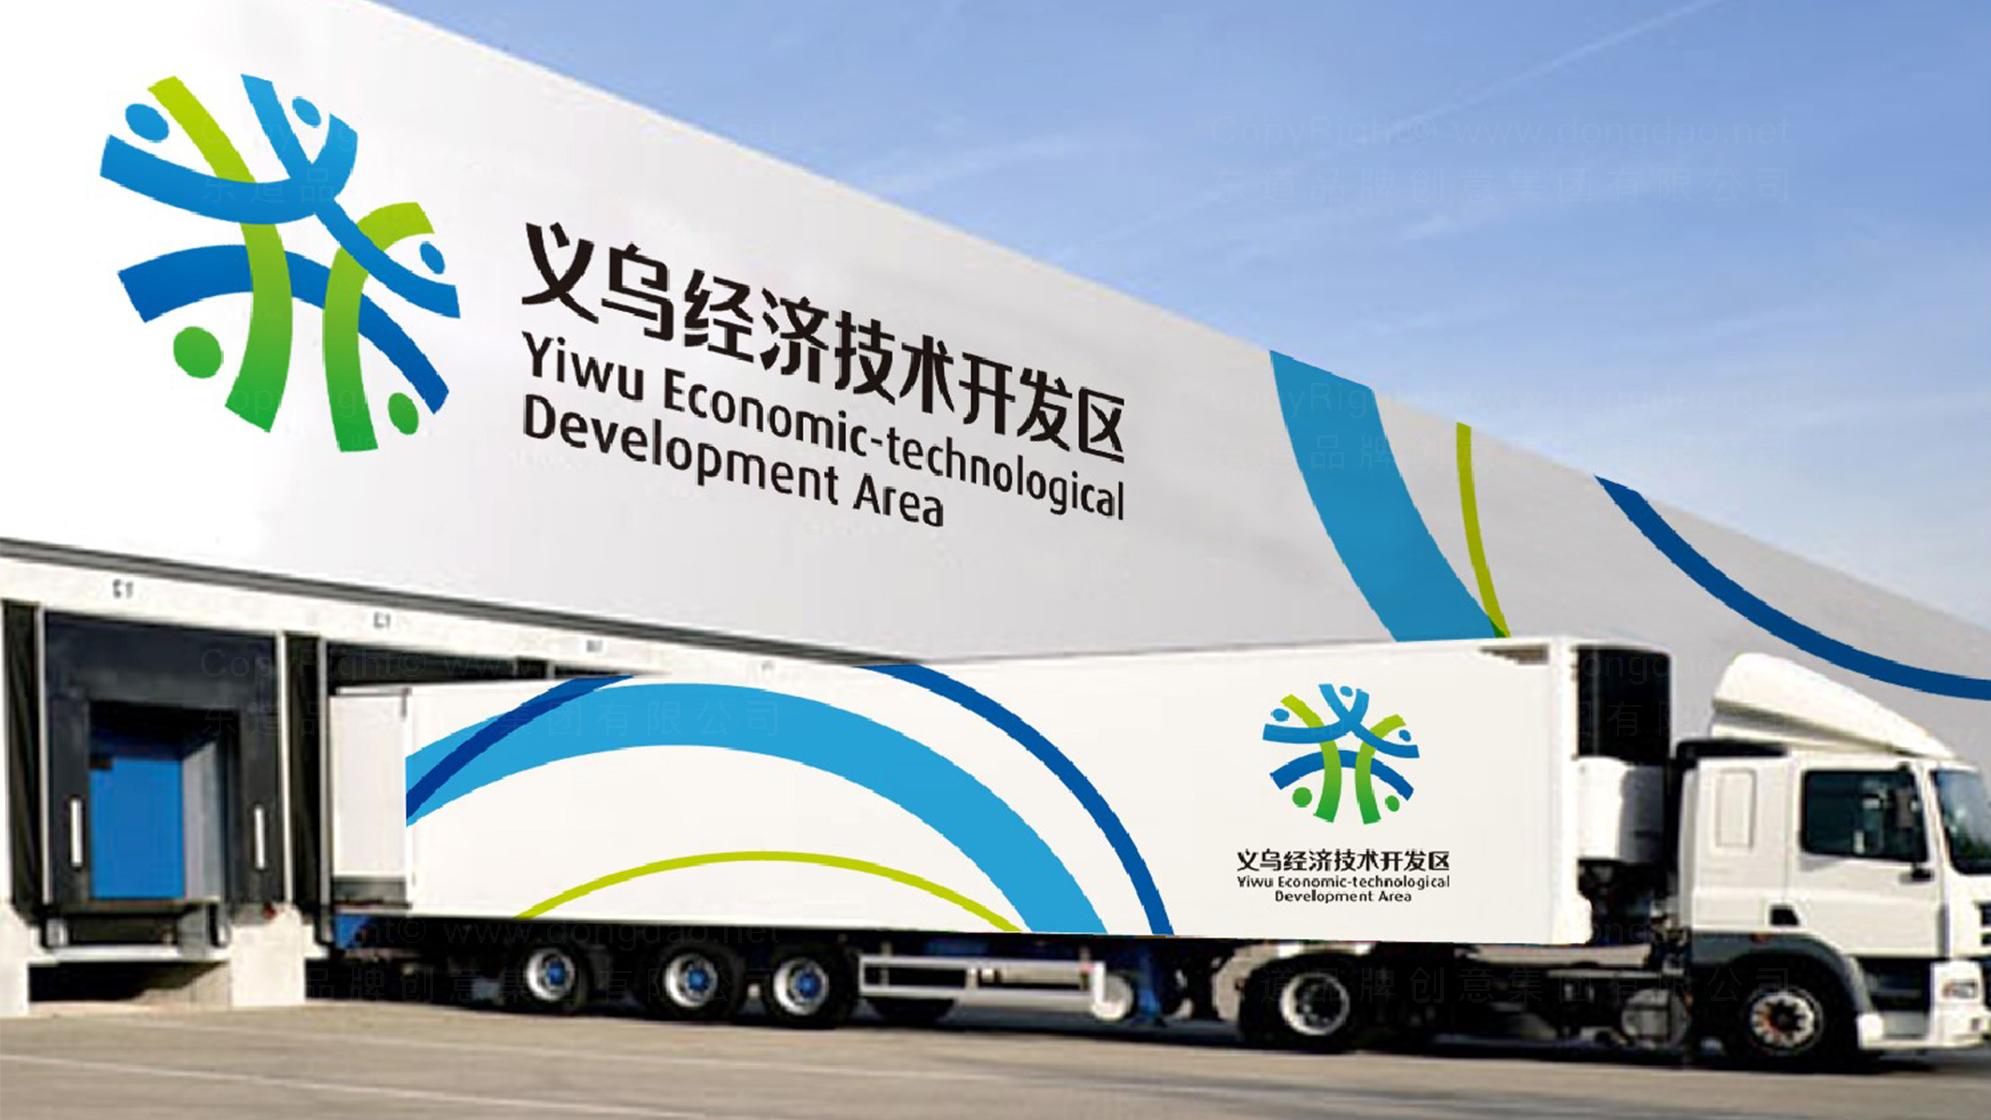 品牌设计义乌经济技术开发区LOGO&VI设计应用场景_3